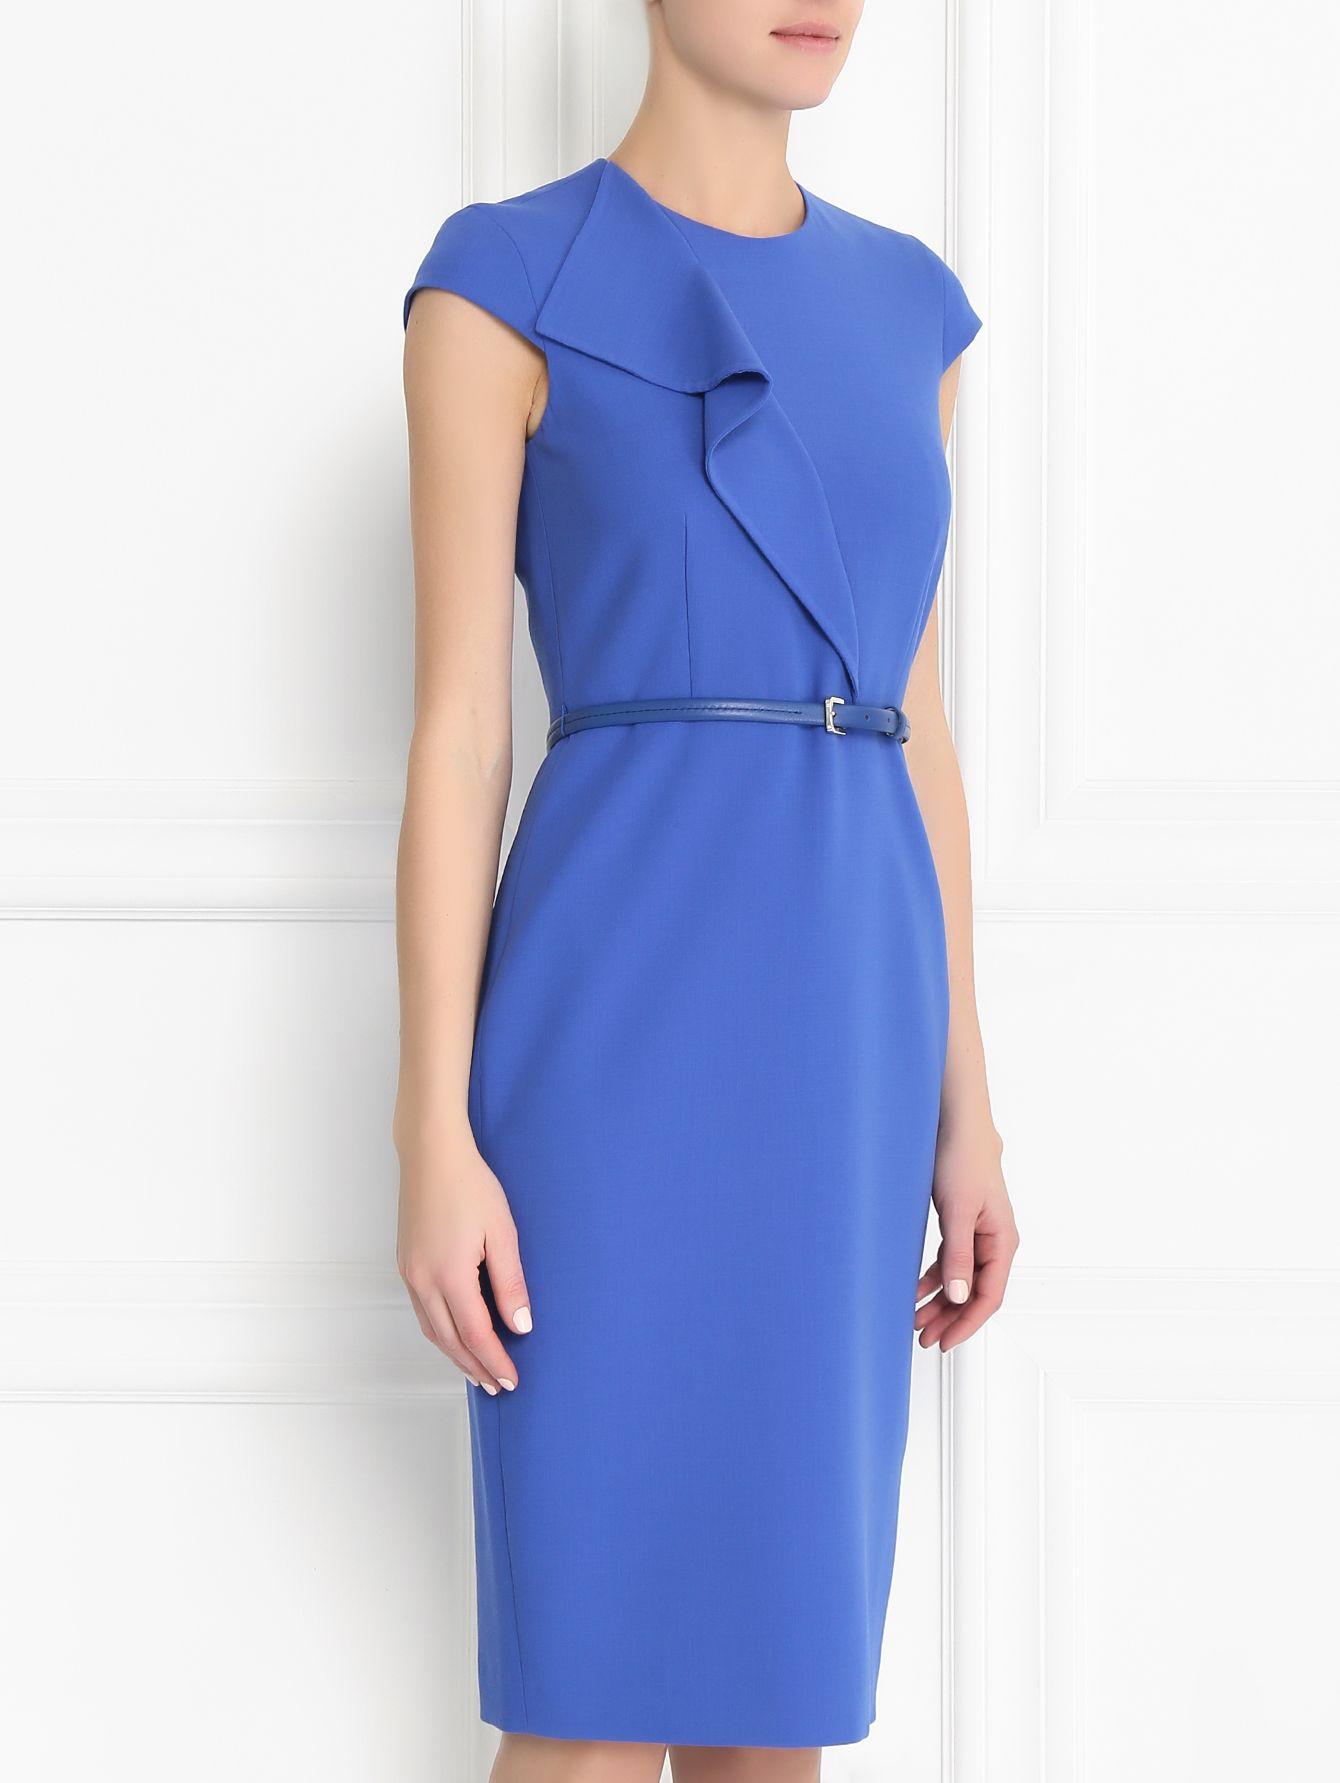 Купить Max Mara синее платье-футляр из шерсти с коротким ...